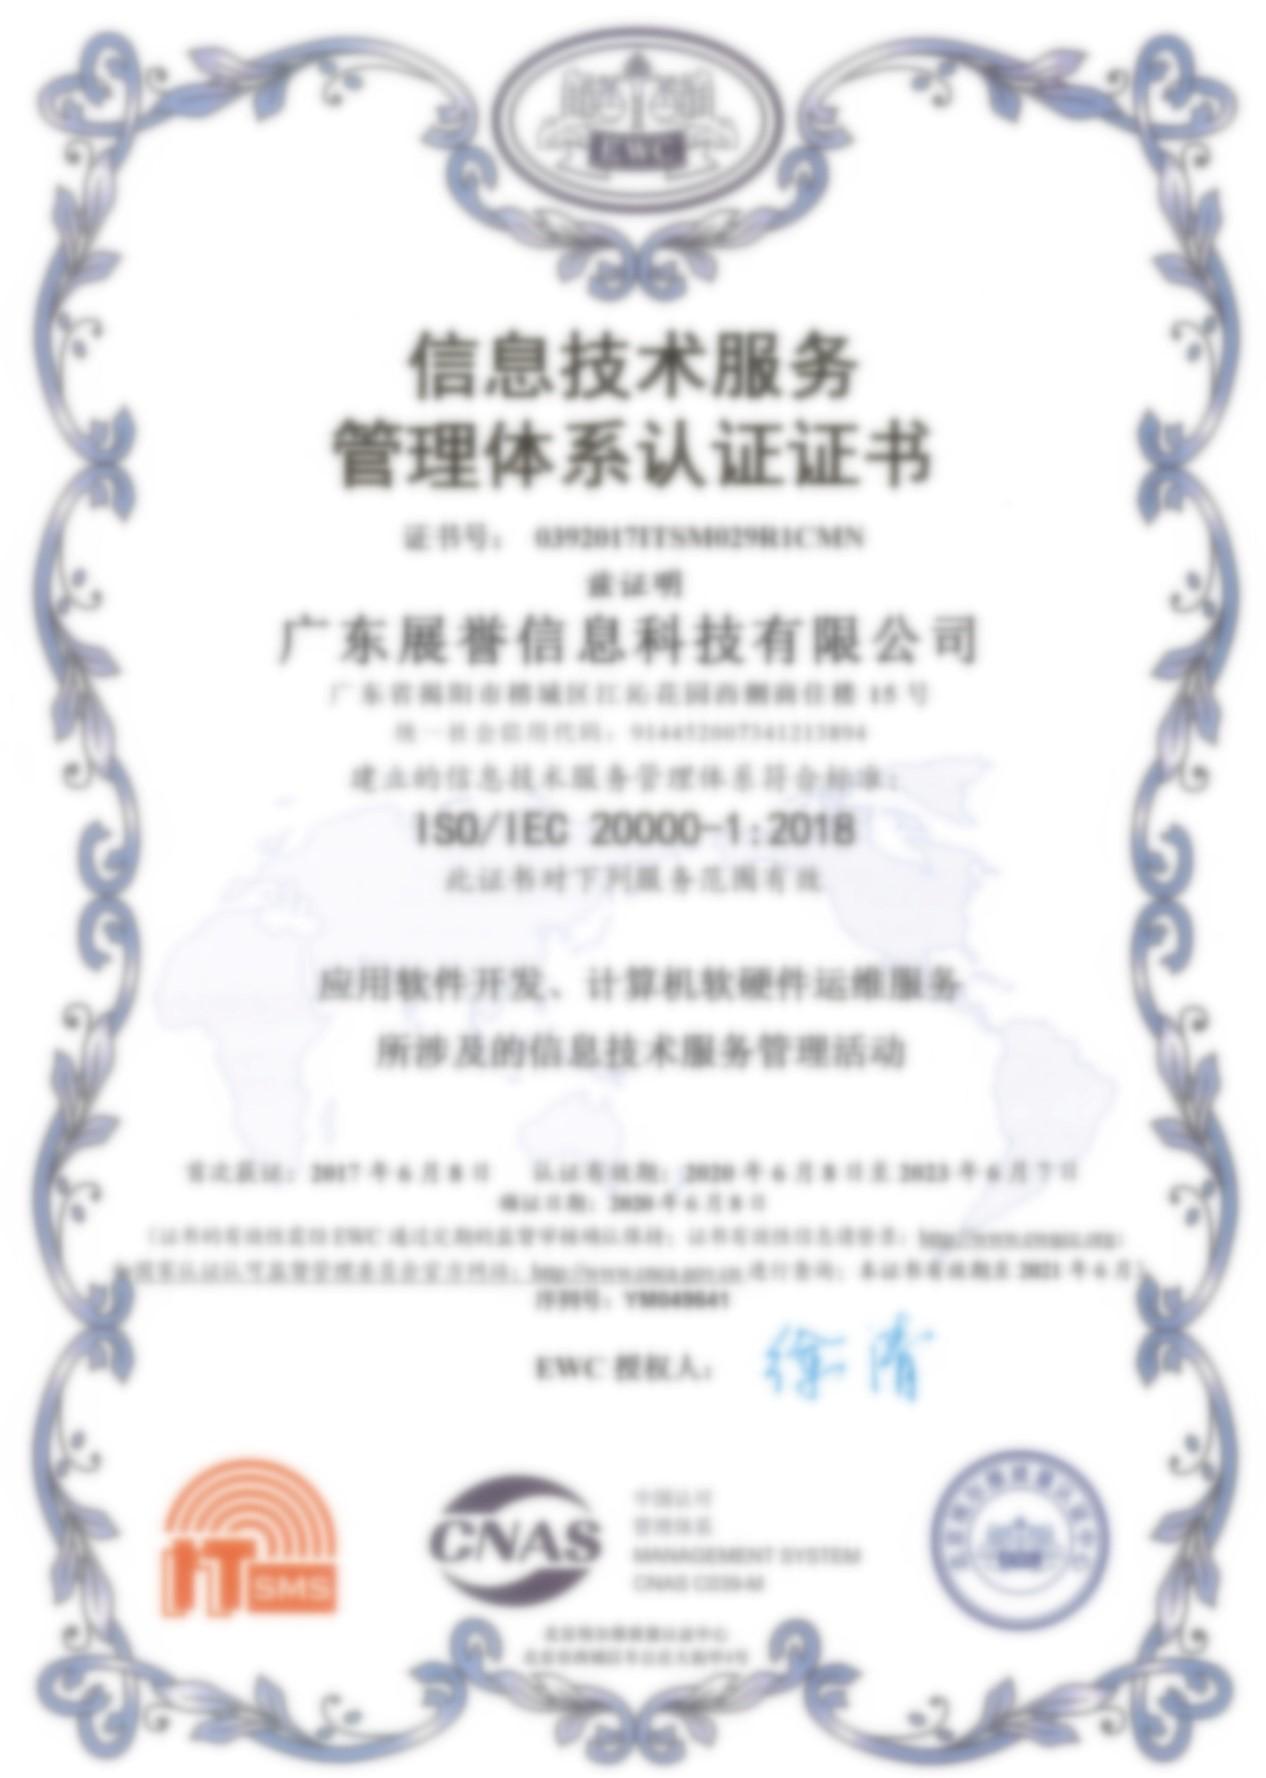 title='信息技术服务管理体系认证证书'